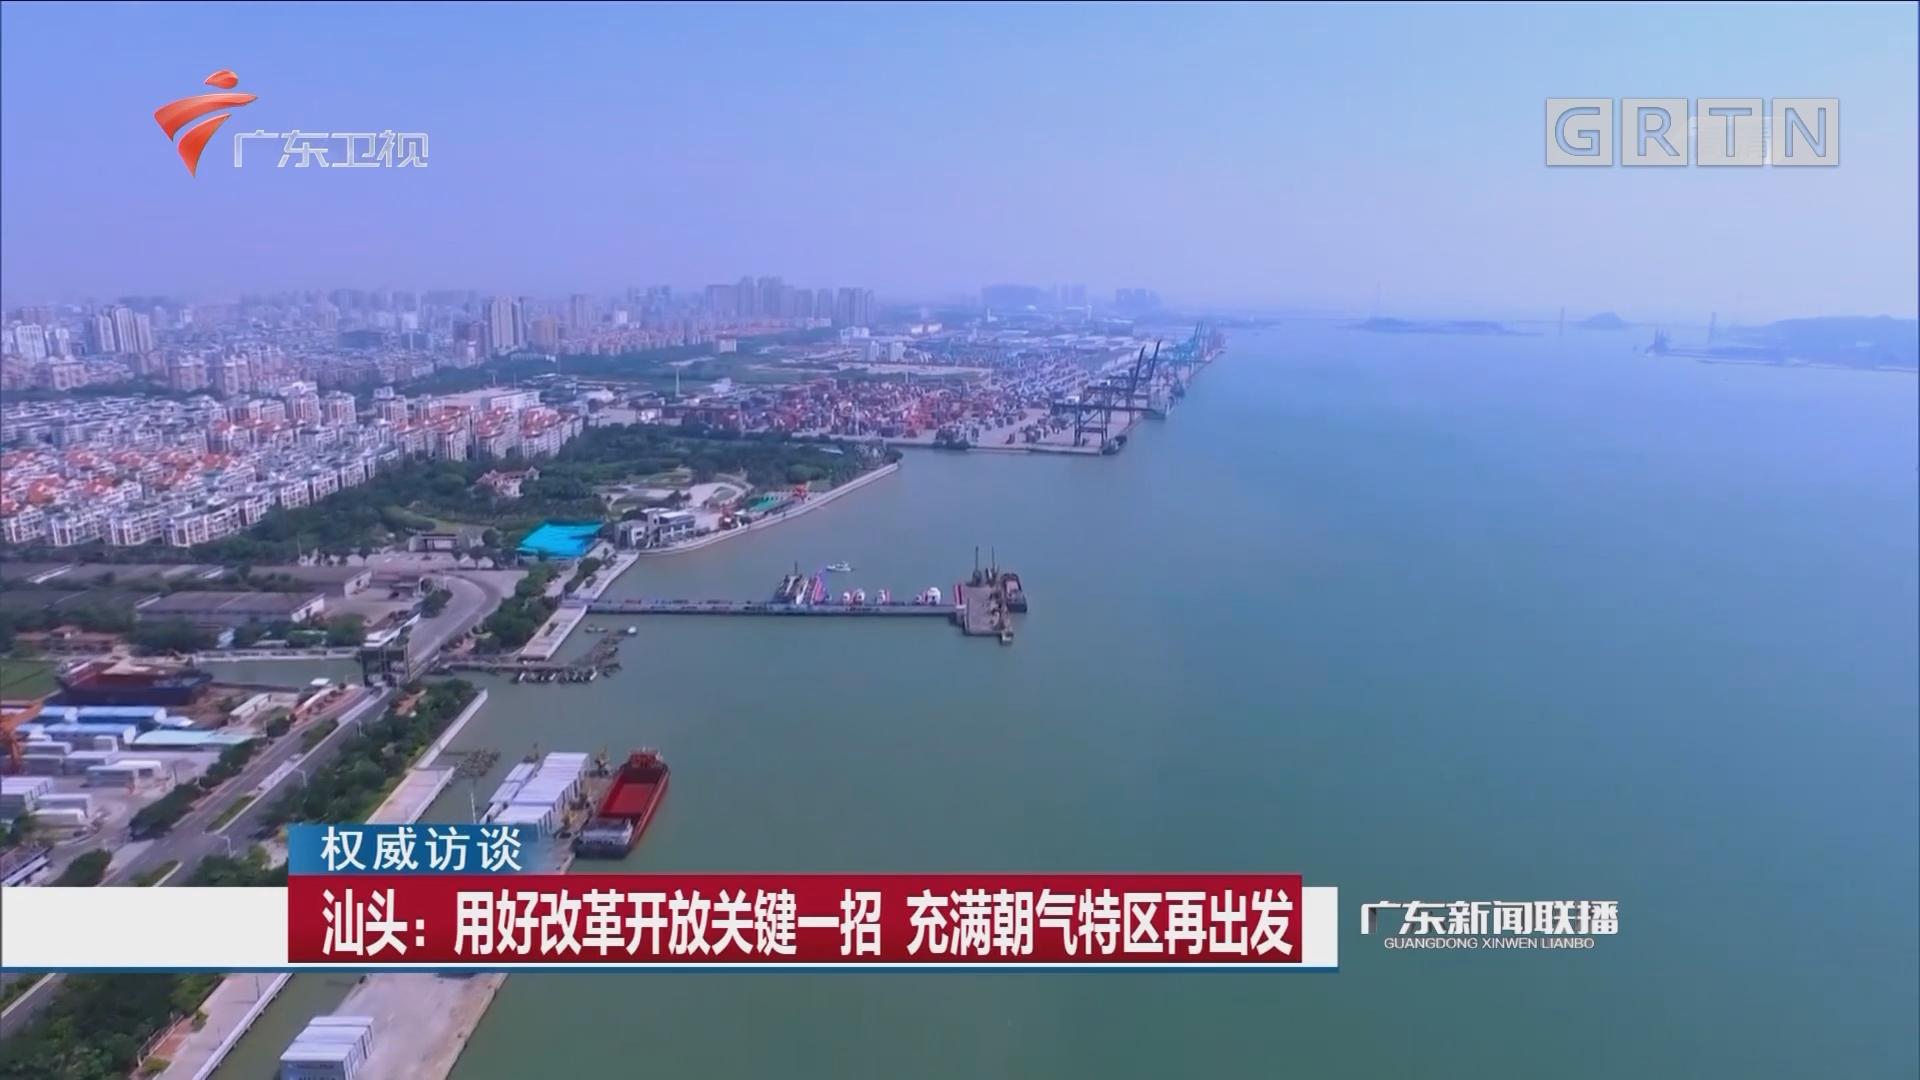 汕头:用好改革开放关键一招 充满朝气特区再出发